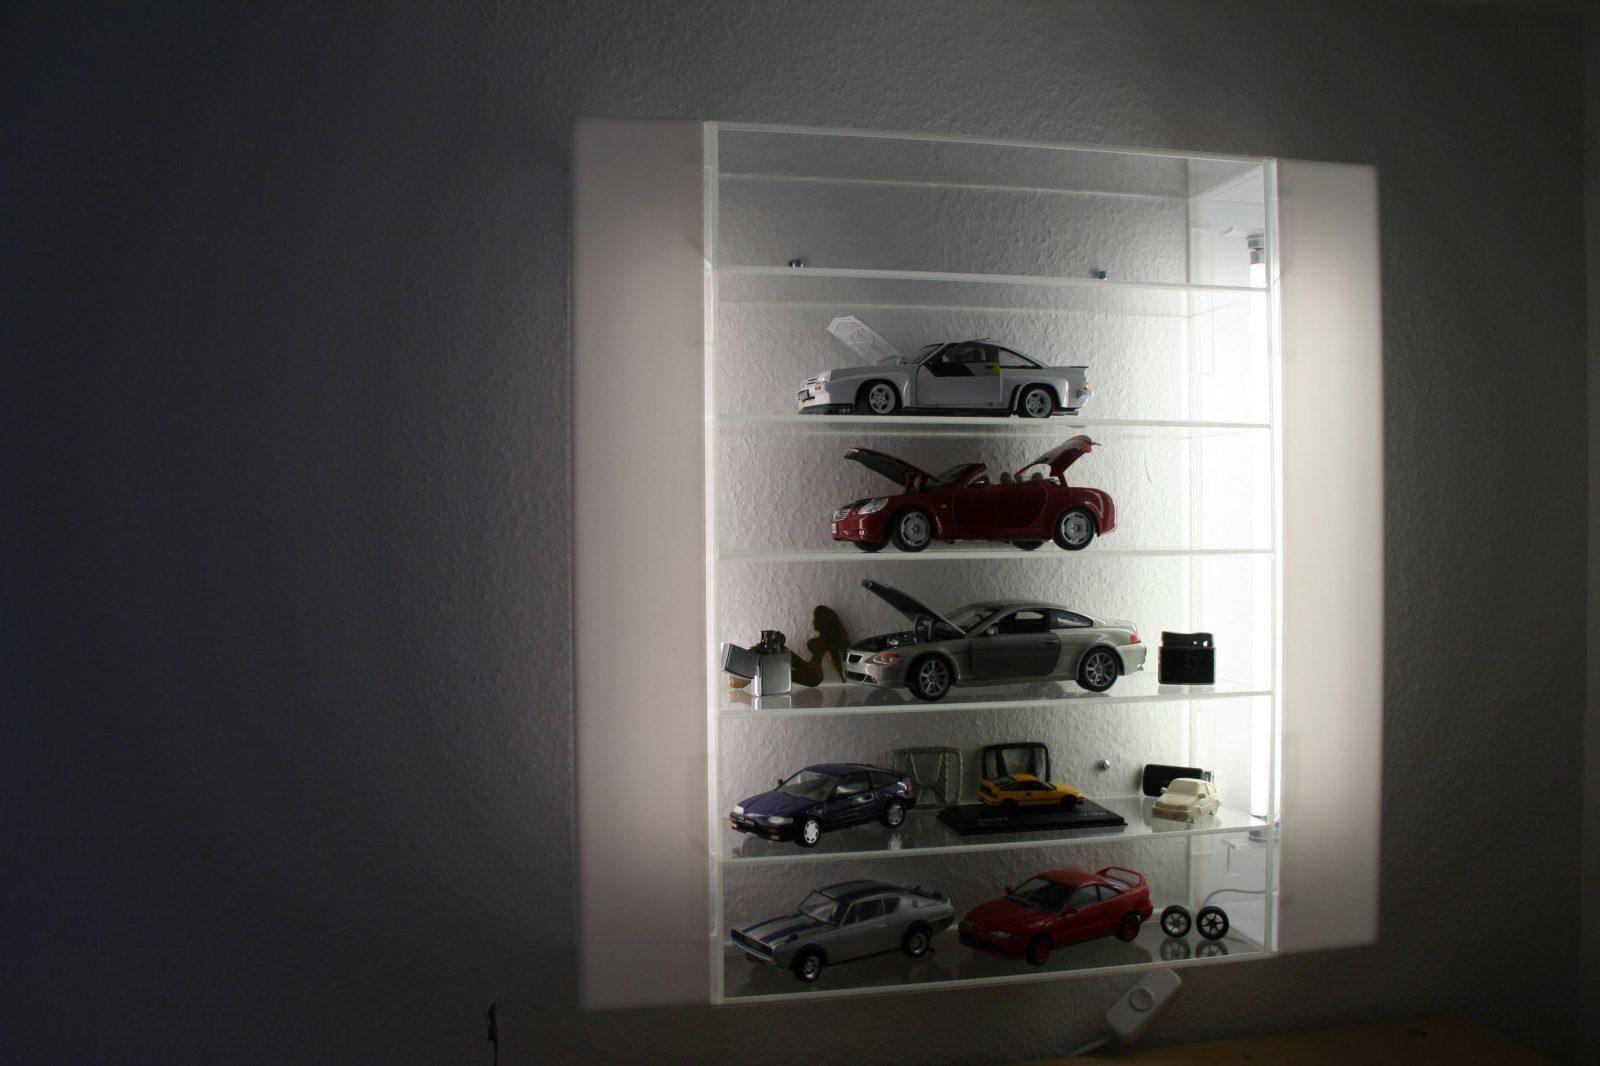 Vitrine Aus Plexiglas Mit Integrierter Beleuchtung Bauanleitung von Plexiglas Regal Selber Bauen Bild